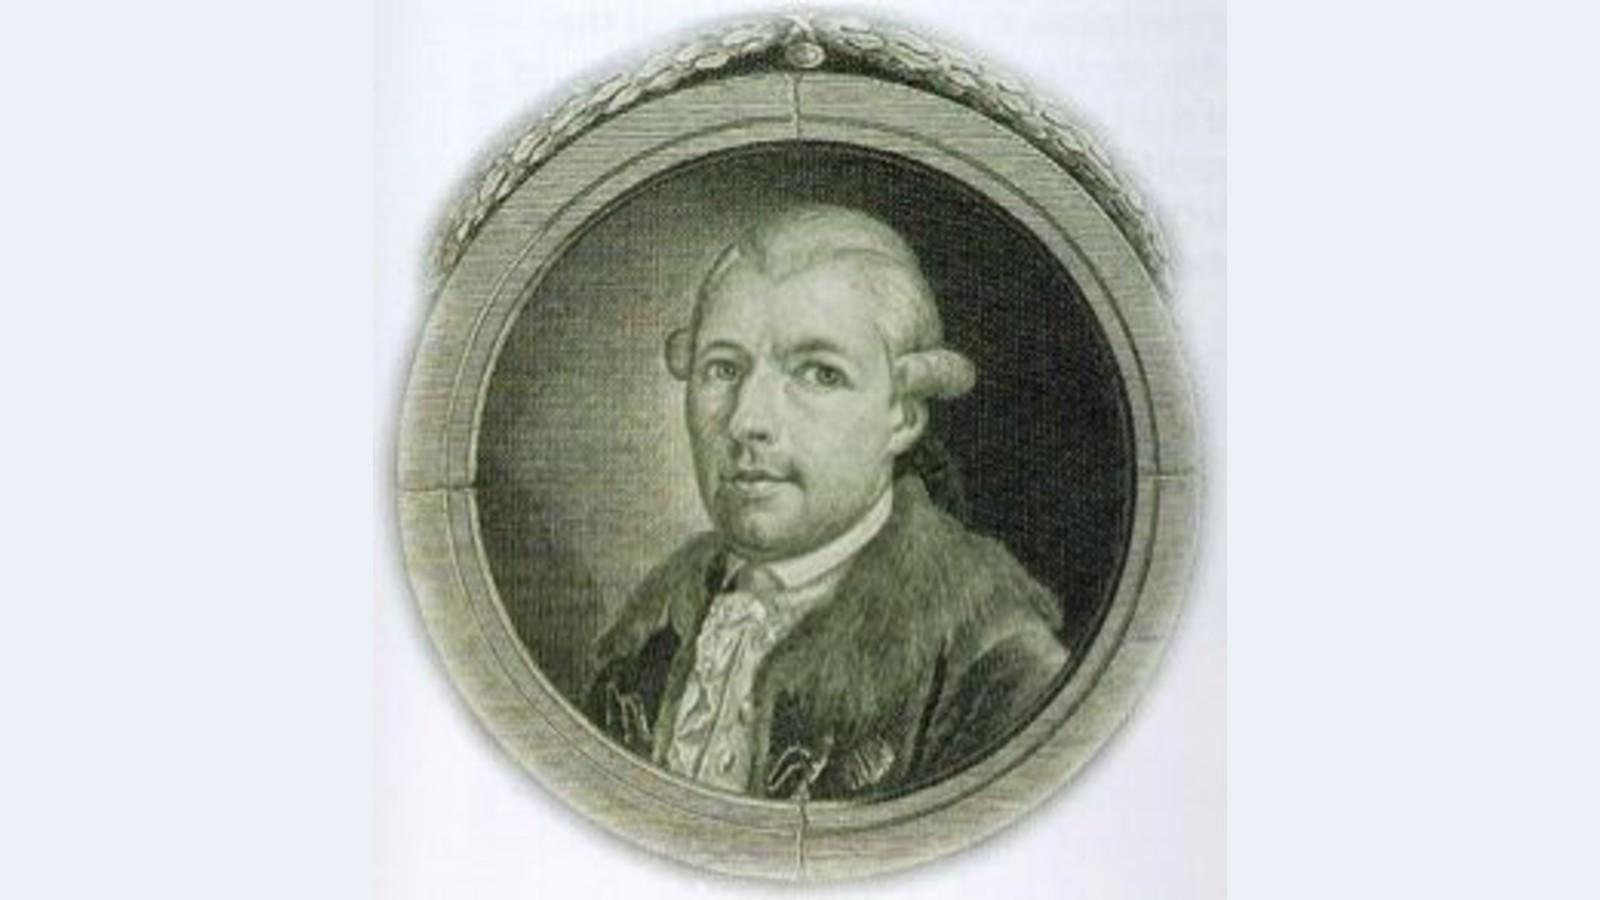 Az illuminátusok egy létező társaság volt. A rendet Adam Weishaupt ingolstadti egyházjogi professzor alapította 1776-ban, s céljuk volt a felvilágosodás és az erkölcsi fejlődés révén az ember ember feletti uralmát feleslegessé tegye. A rend célját – a hatalom forradalom nélküli átvételét – sose érte el, és olyan durván titkos társaság sem volt. 1785-ben fel is oszlatták őket, továbbélésükre, így arra, hogy még ma is világuralomra törnének, semmi bizonyíték sincs. (Wikipedia)